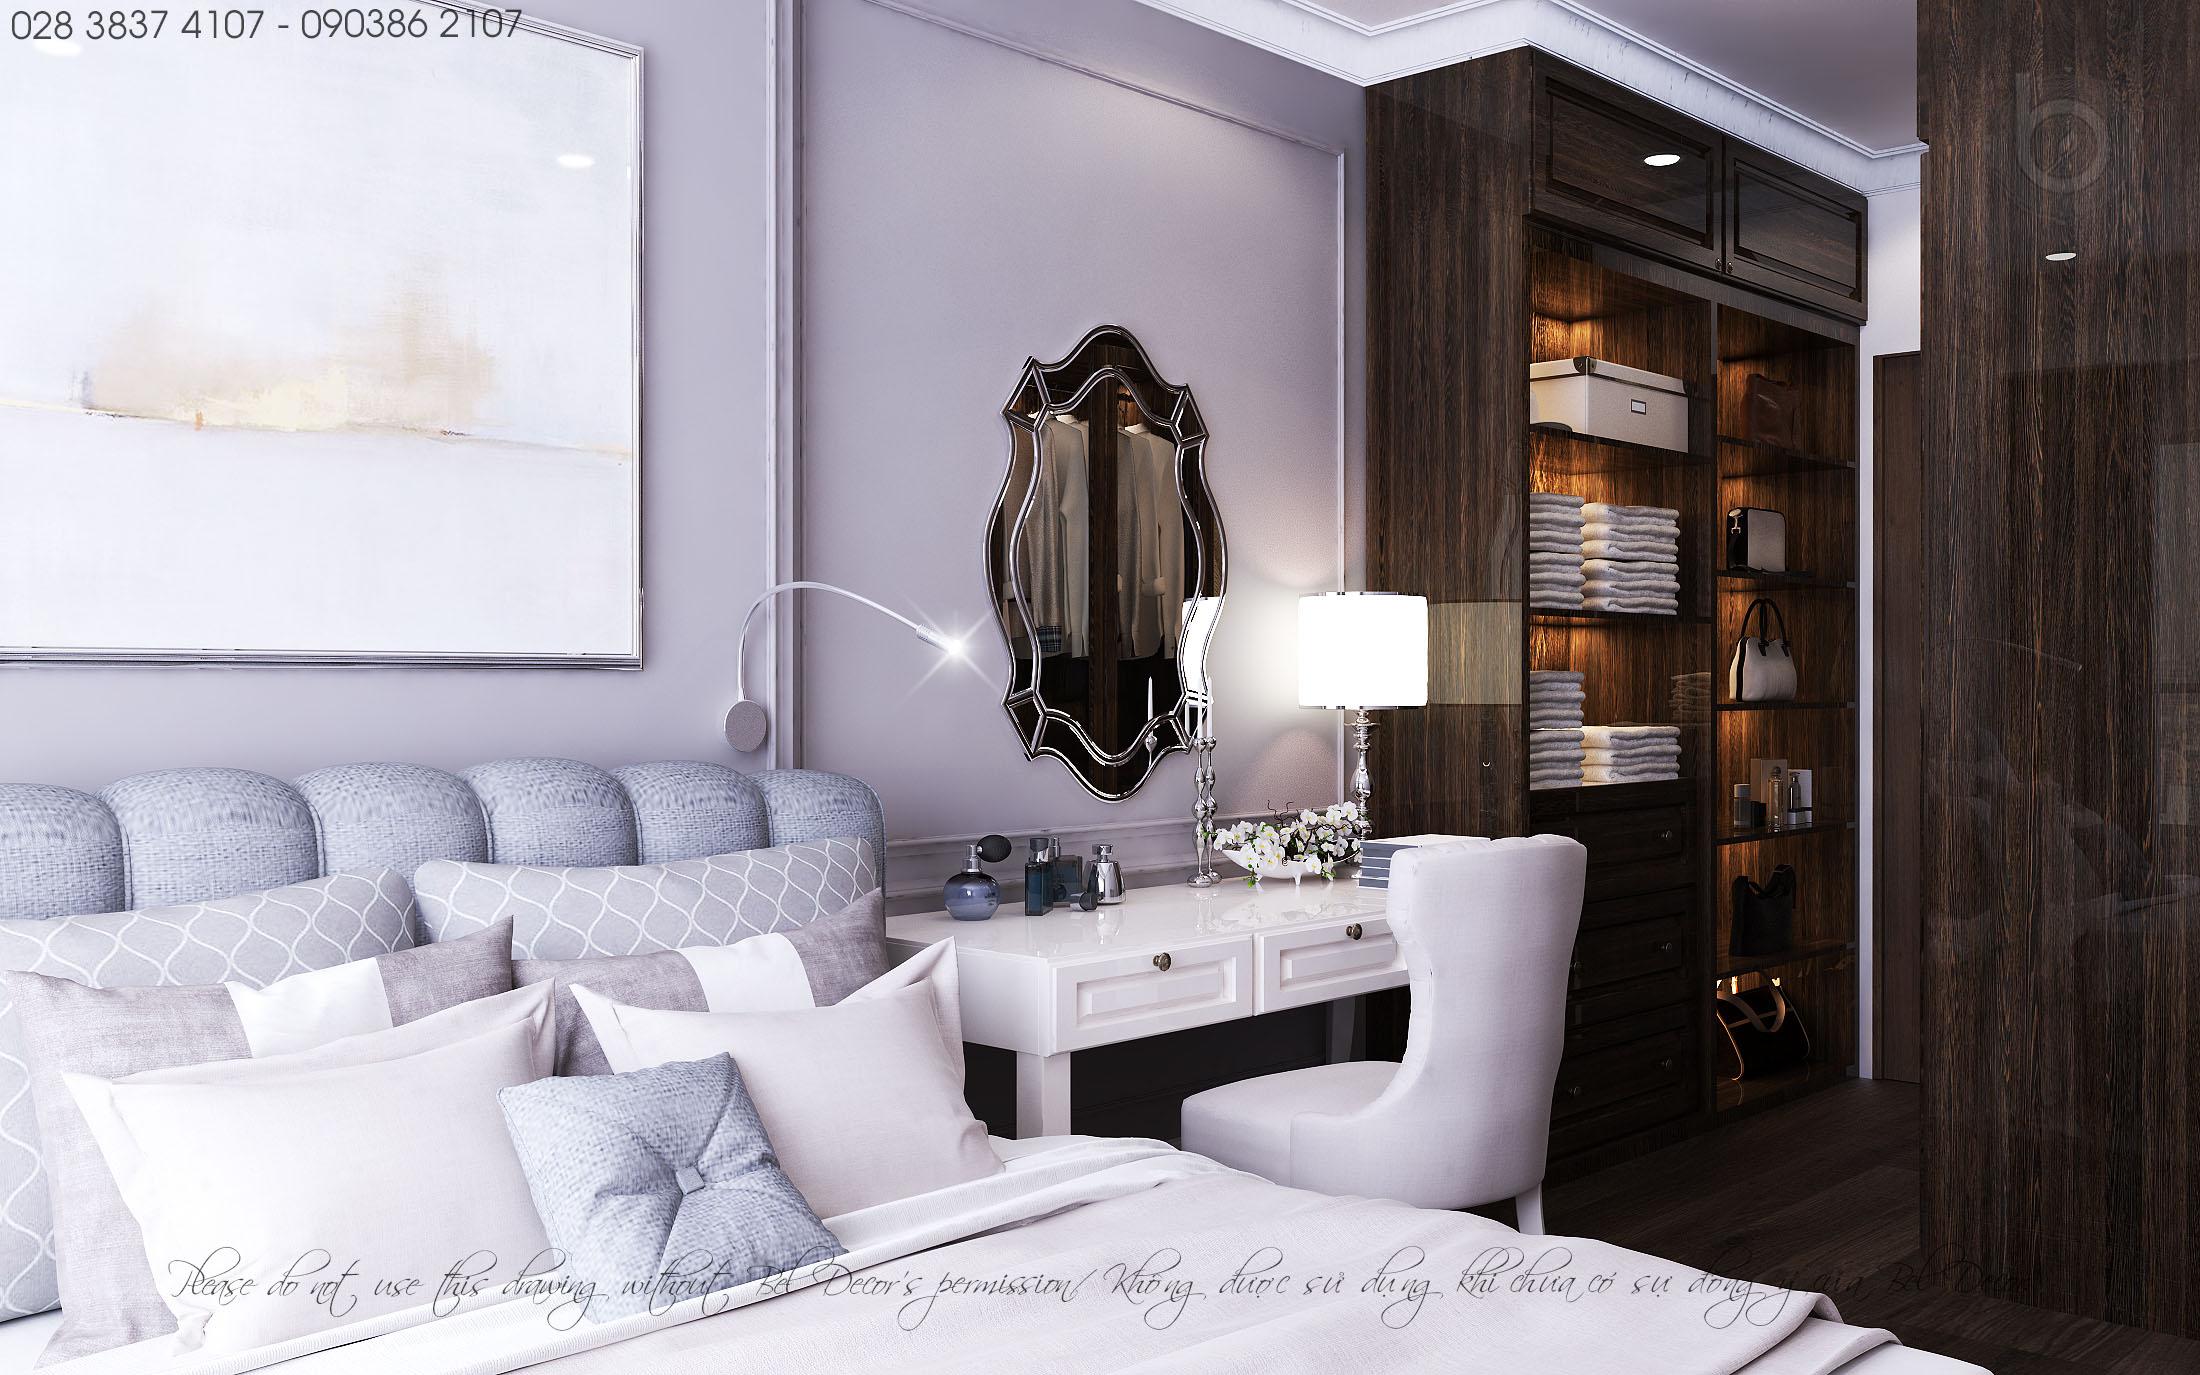 thiết kế nội thất chung cư tại Hồ Chí Minh THIẾT KẾ NỘI THẤT CĂN HỘ (HO1895) 5 1557475034